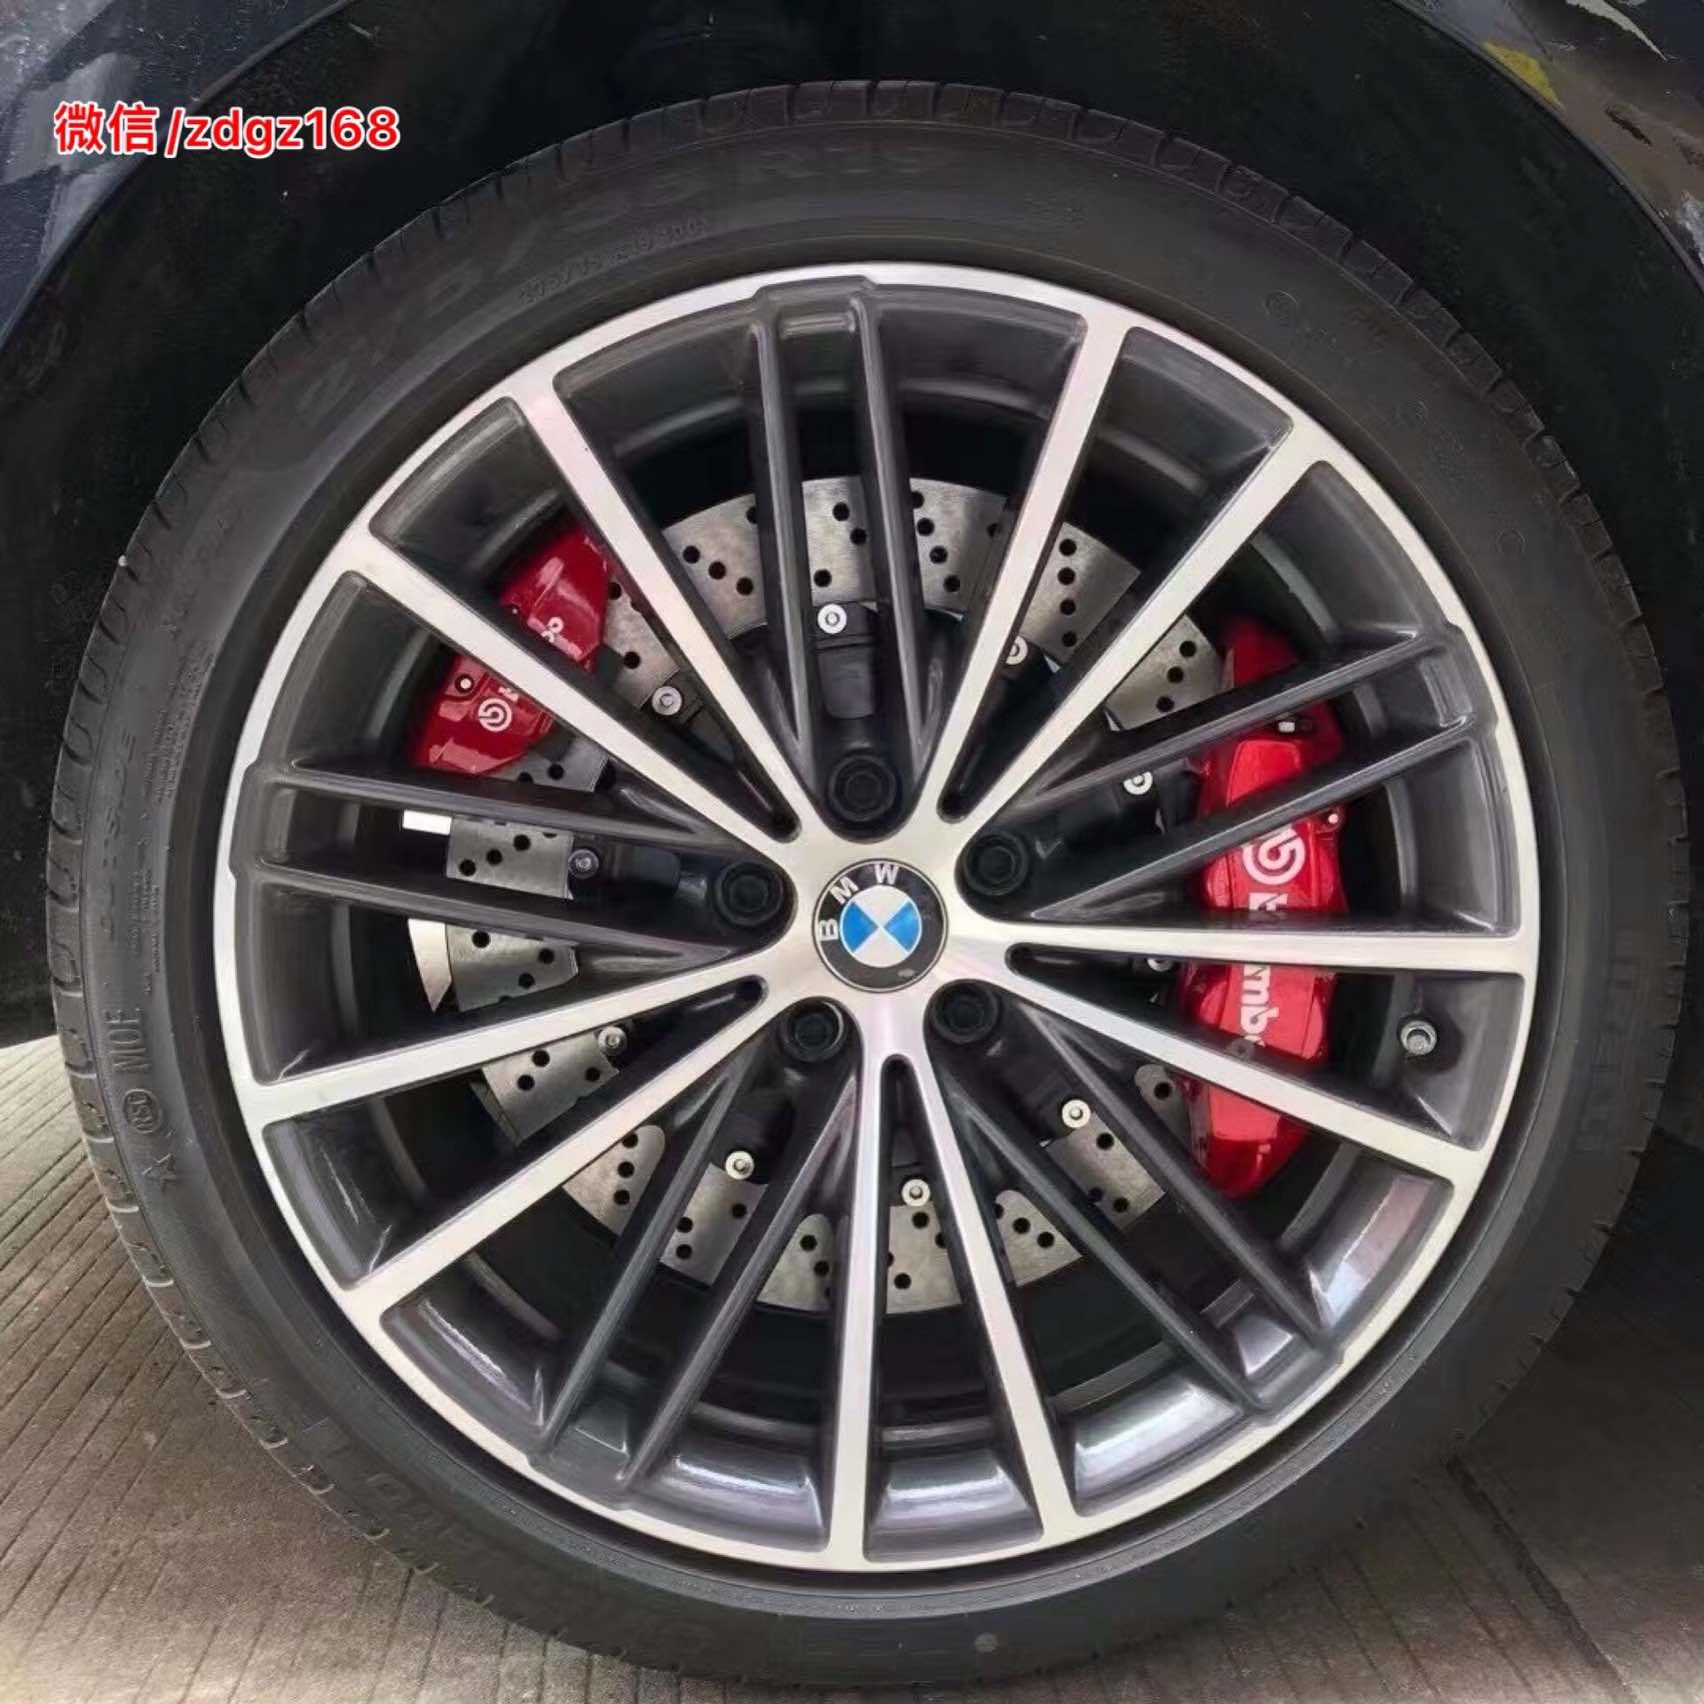 新款宝马530Li G38  /升级布雷博 Brembo GT前6后4刹车套装,后轮采用双卡钳安装